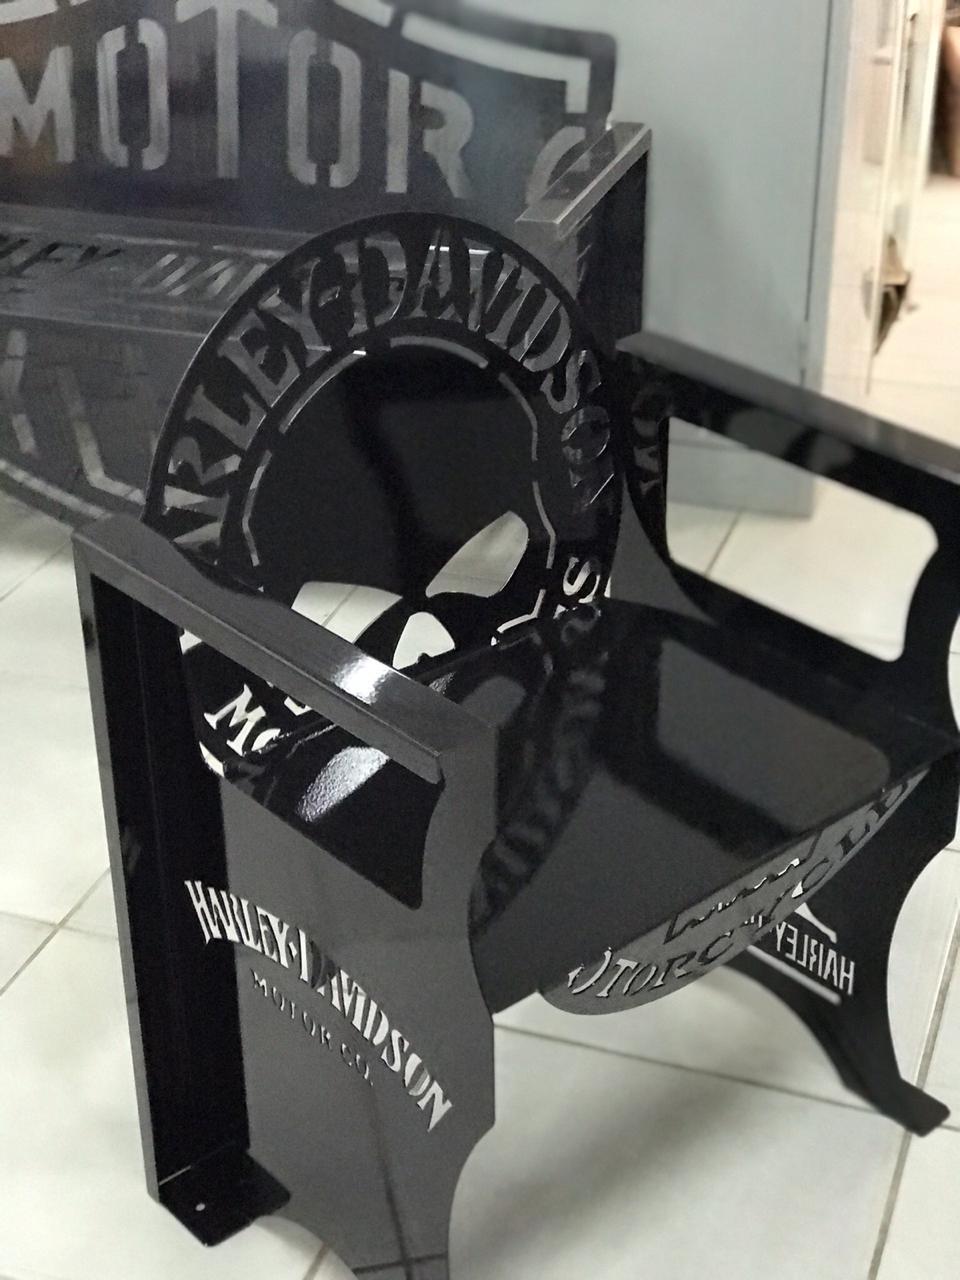 Poltrona SKULL Harley-Davidson 0,65 m PRETA  - HDC Brasil